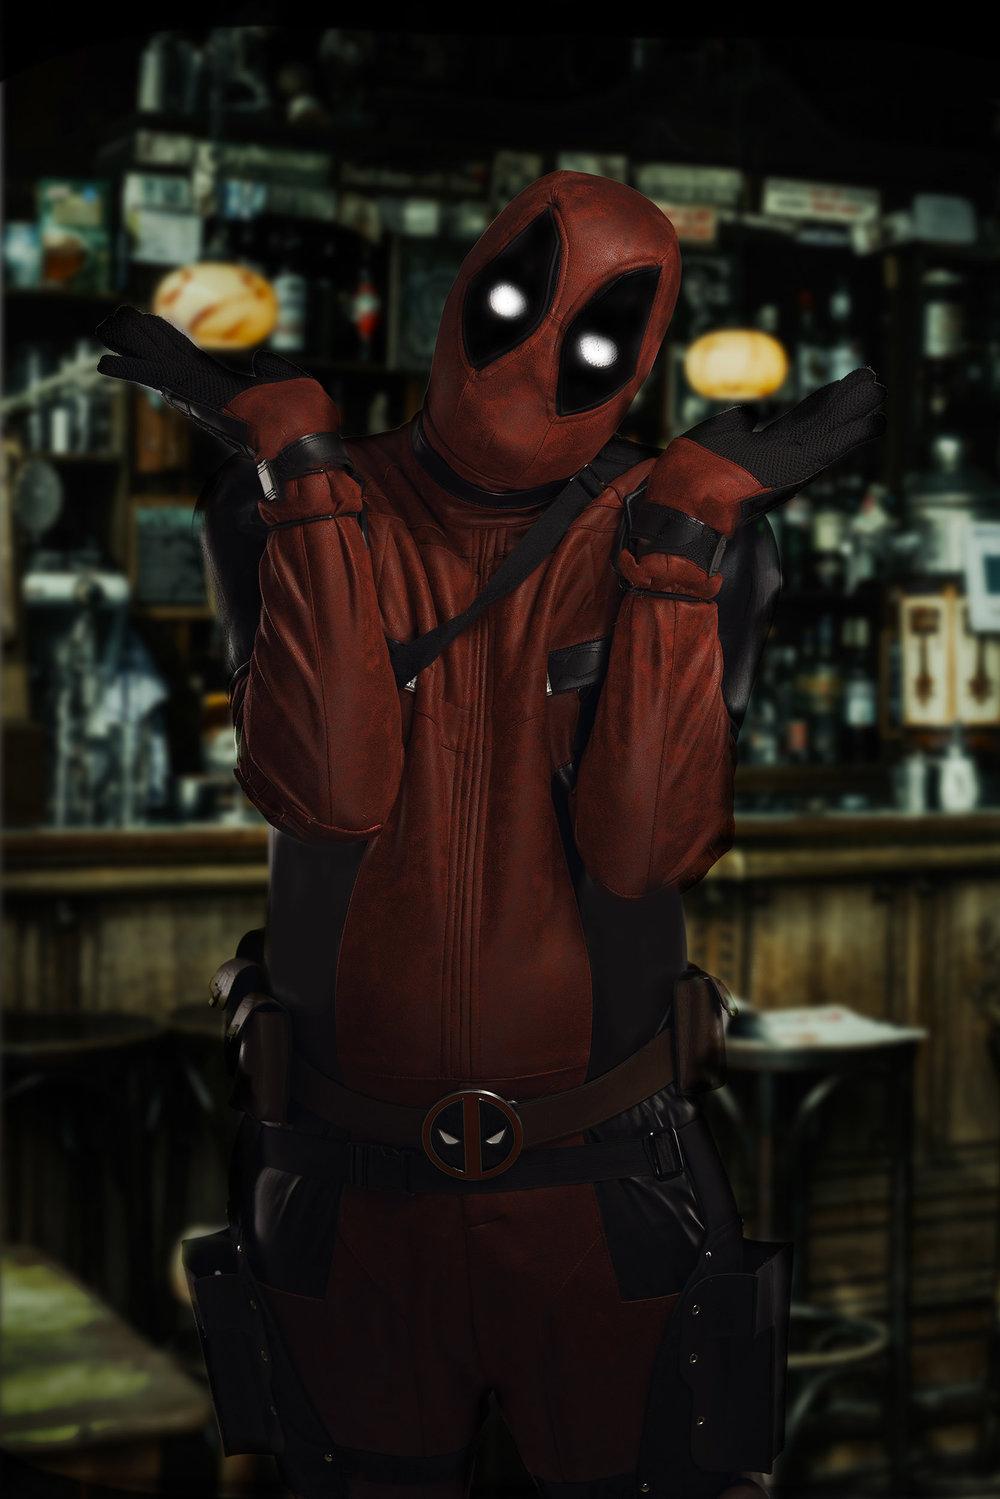 Sig Sawyer - Deadpool